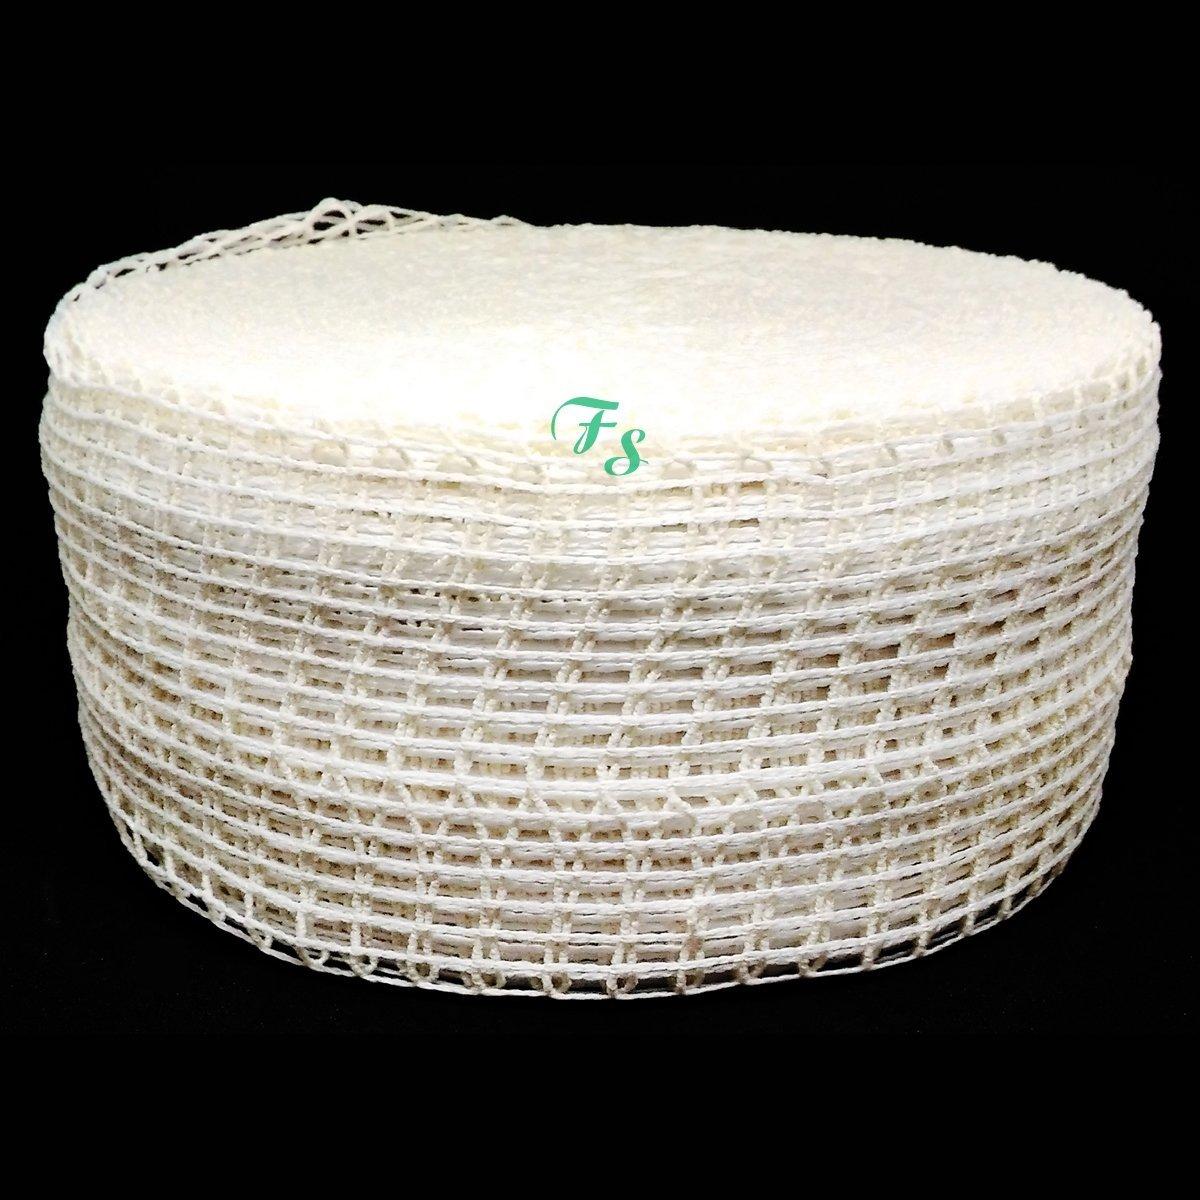 Rede Elastica Copas e Embutidos 36 Fios 10 cm Rolo Fechado